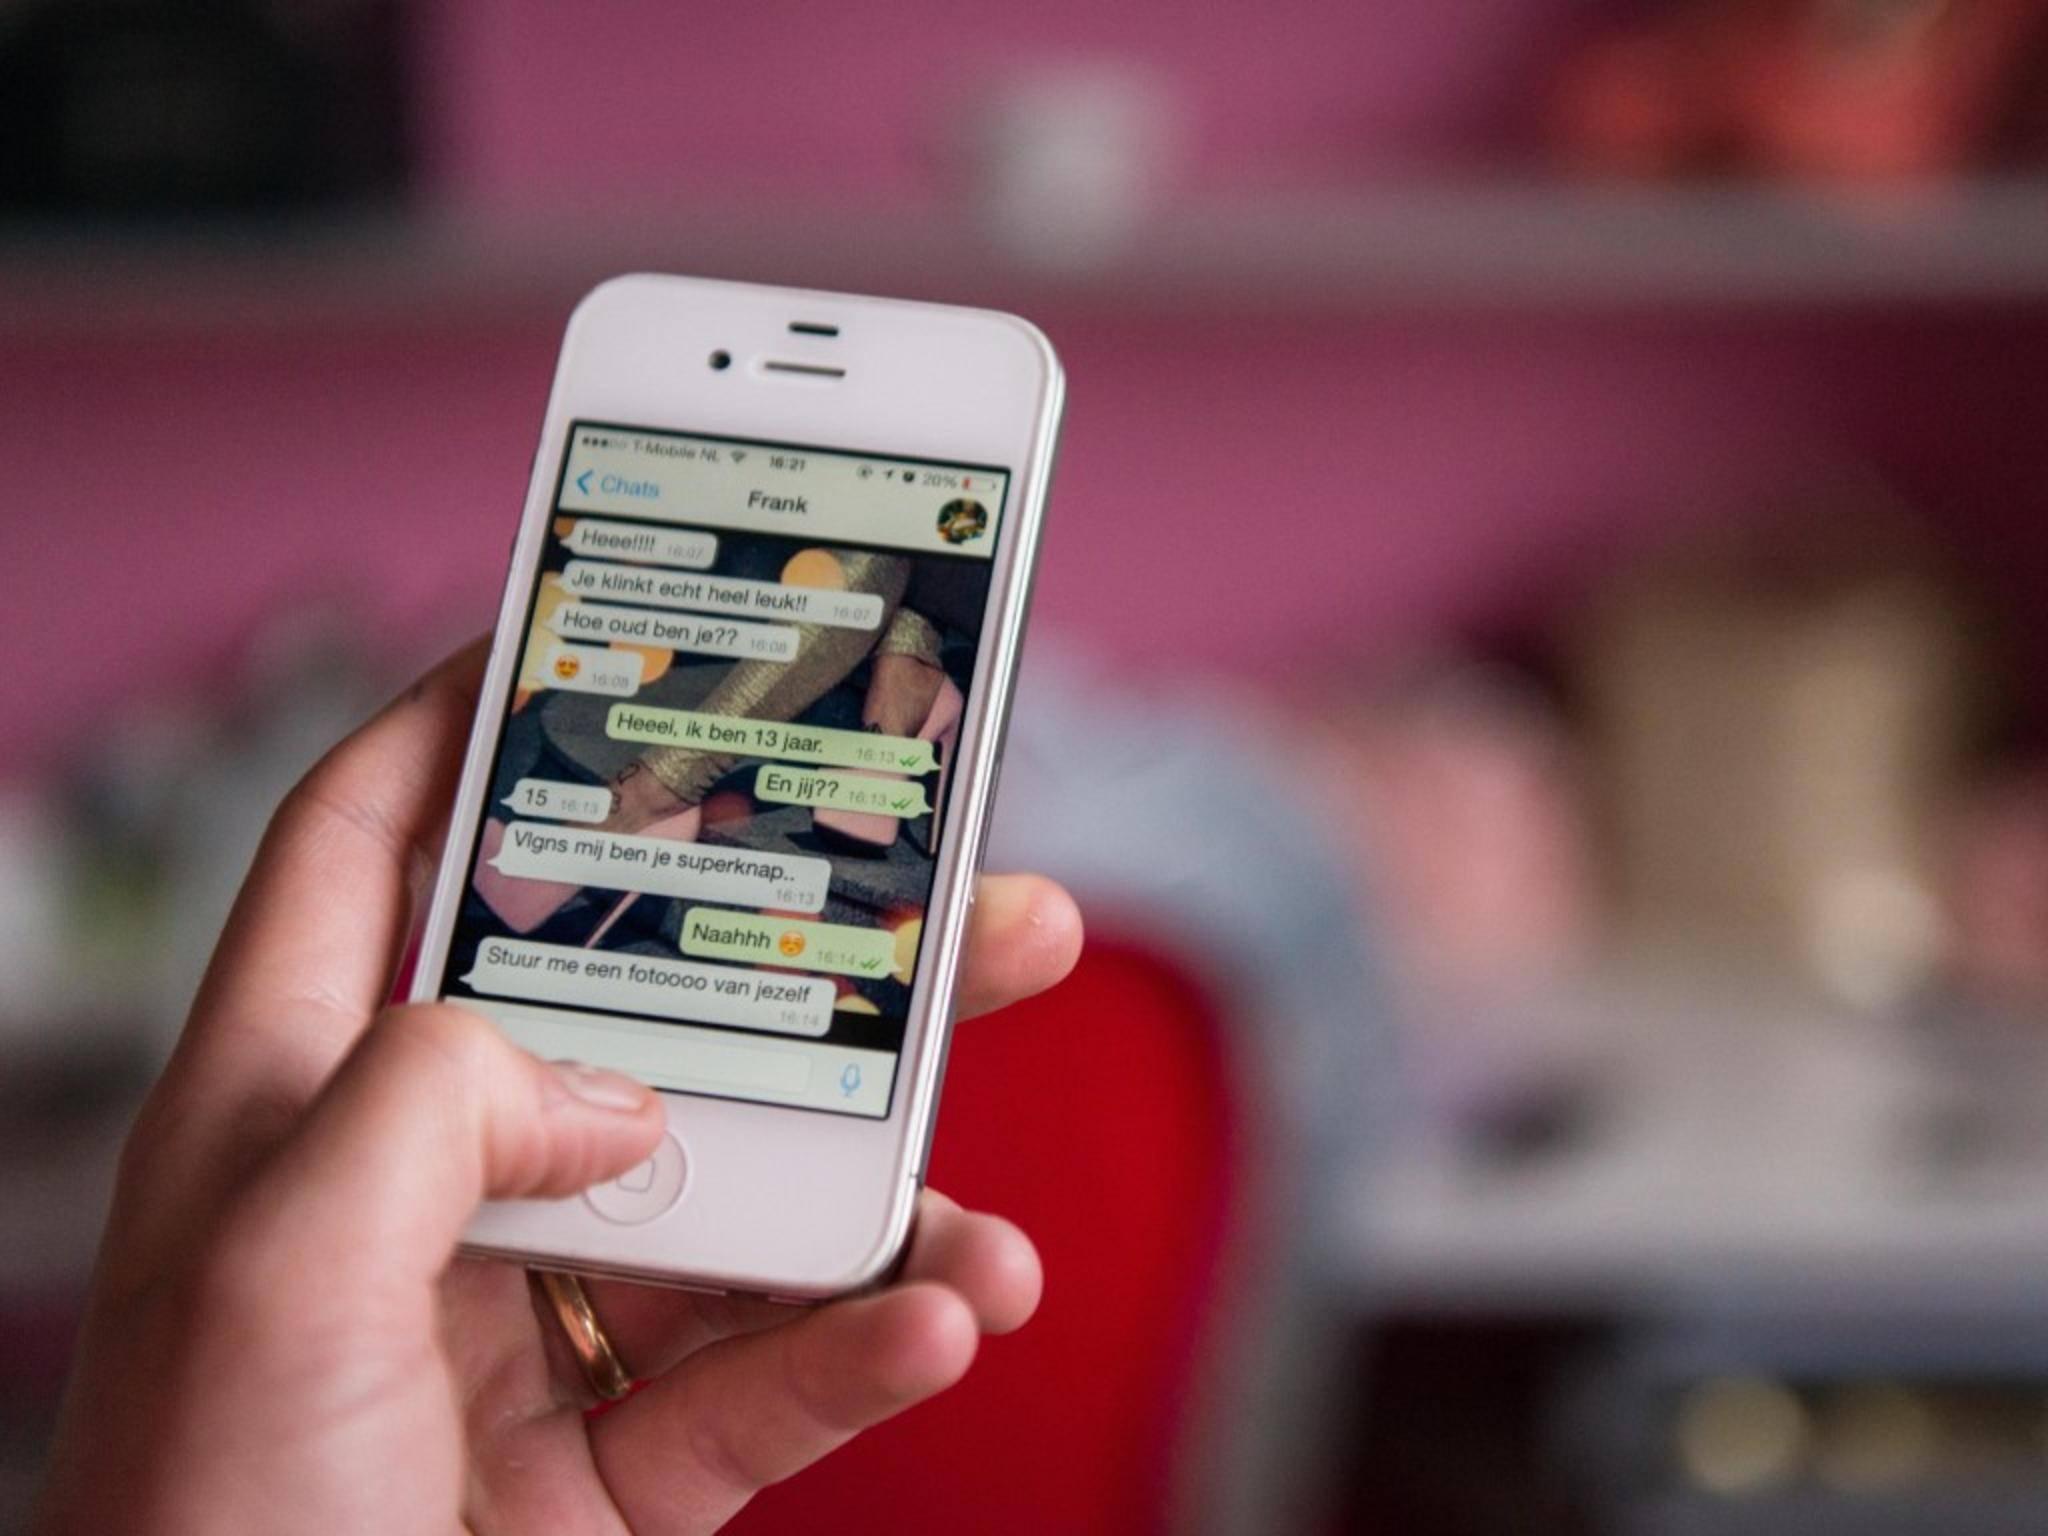 WhatsApp geht aktuell gegen WhatsApp Plus und andere Drittanbieter-Software vor.